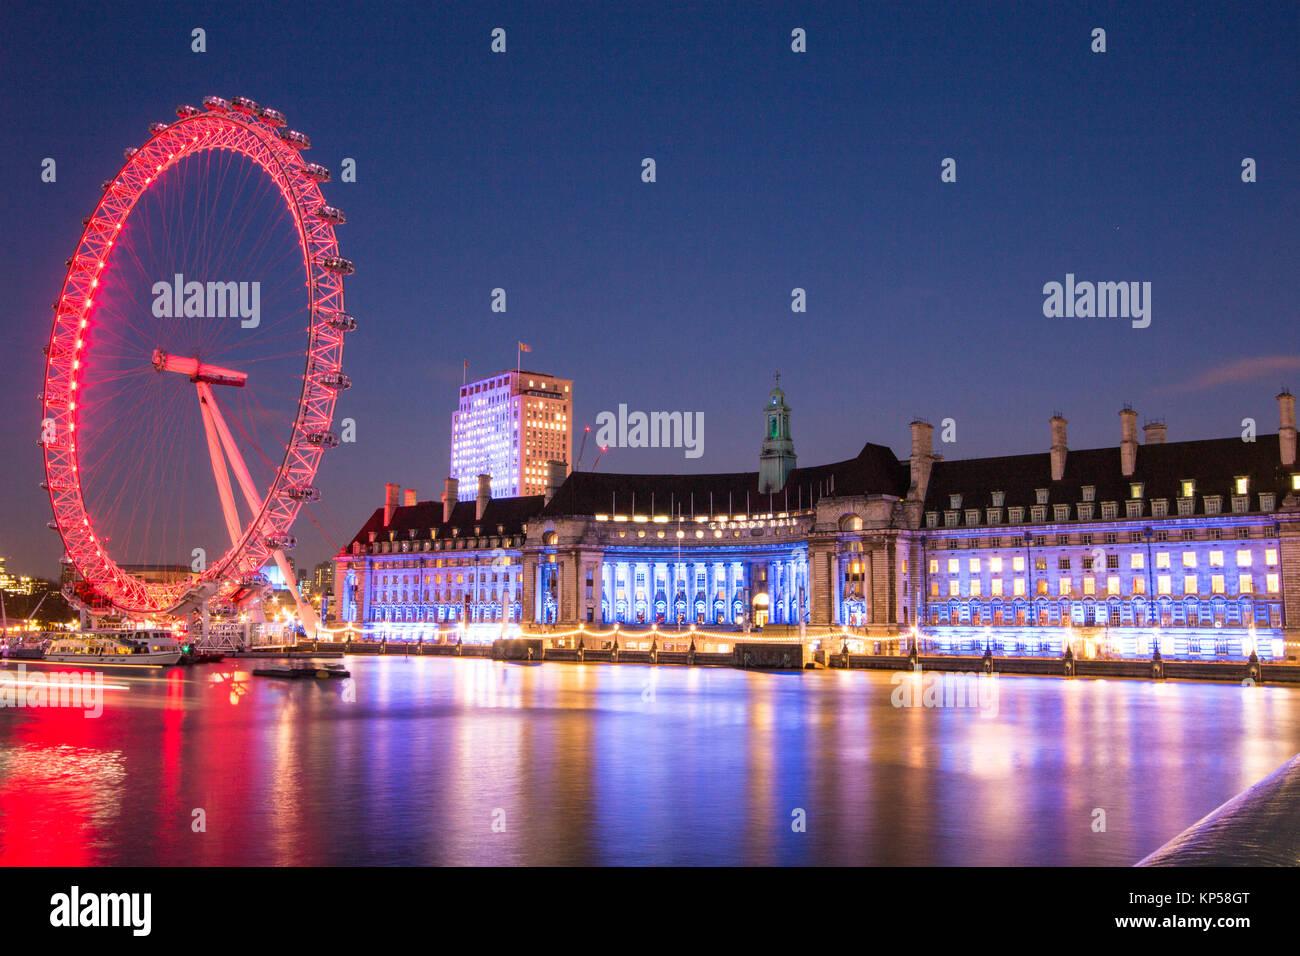 Famoso Hito de Londres, el London Eye y el acuario de Londres, iluminada por la noche Imagen De Stock